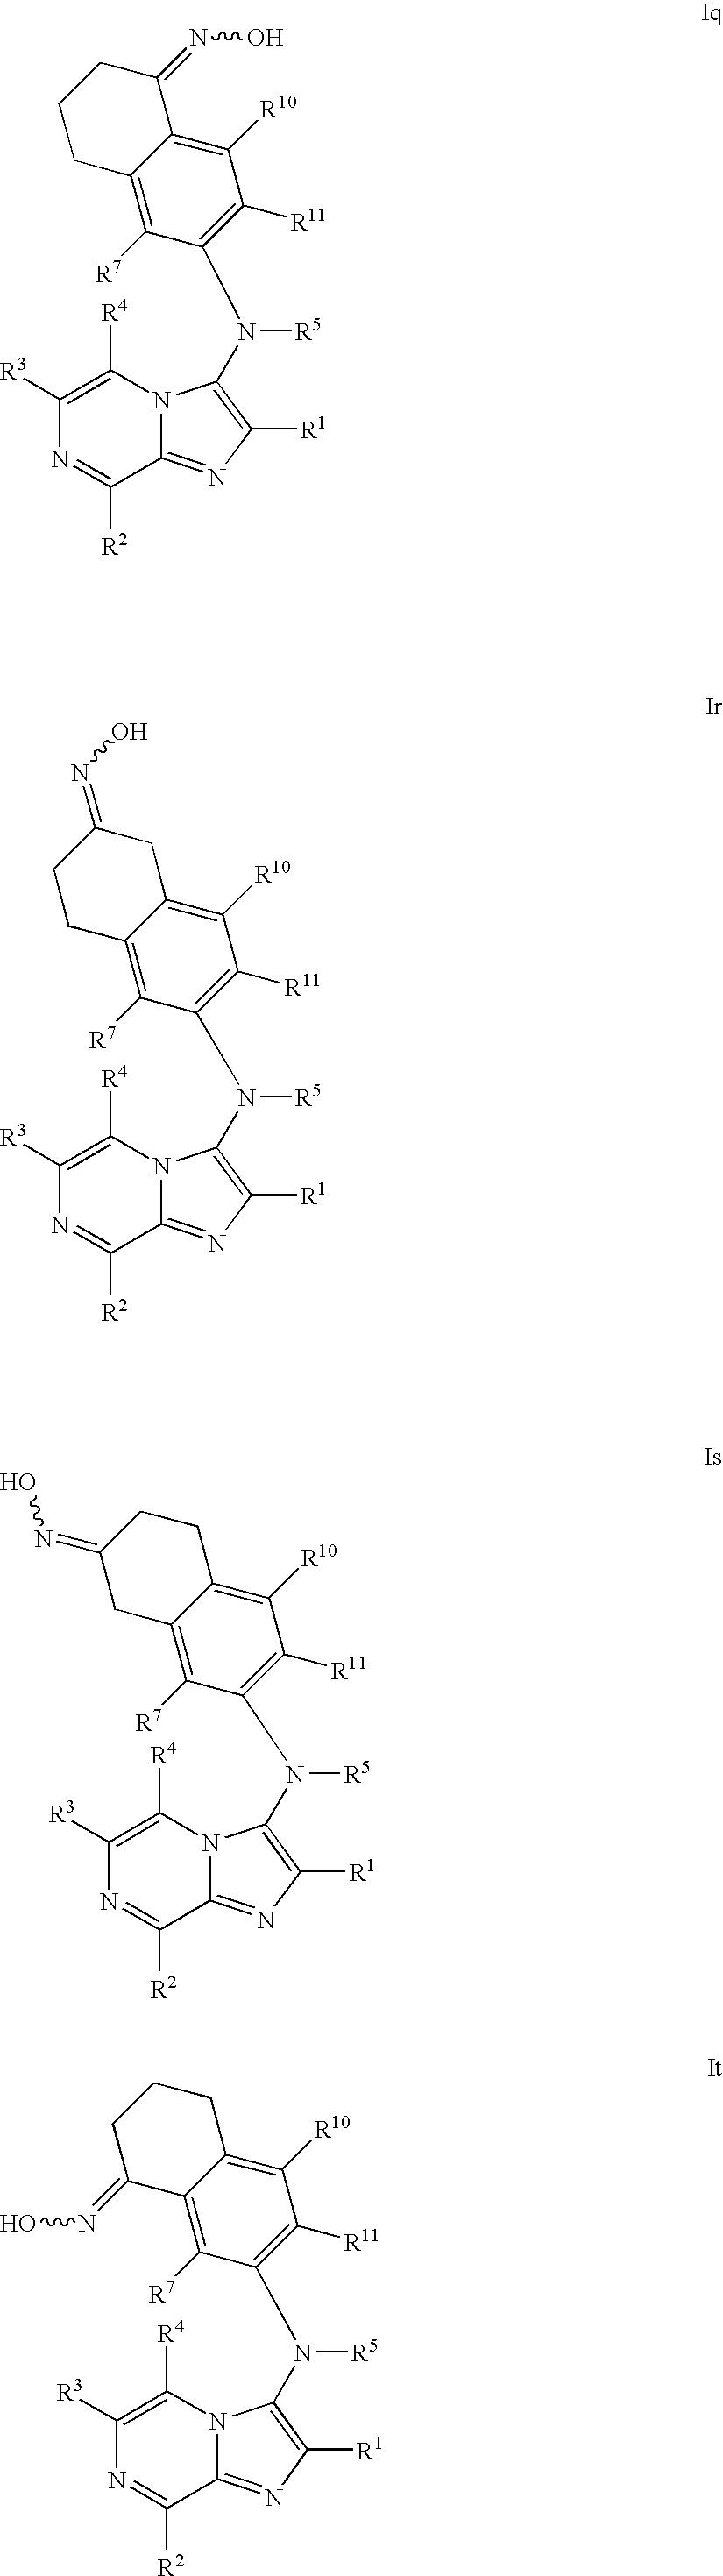 Figure US07566716-20090728-C00011